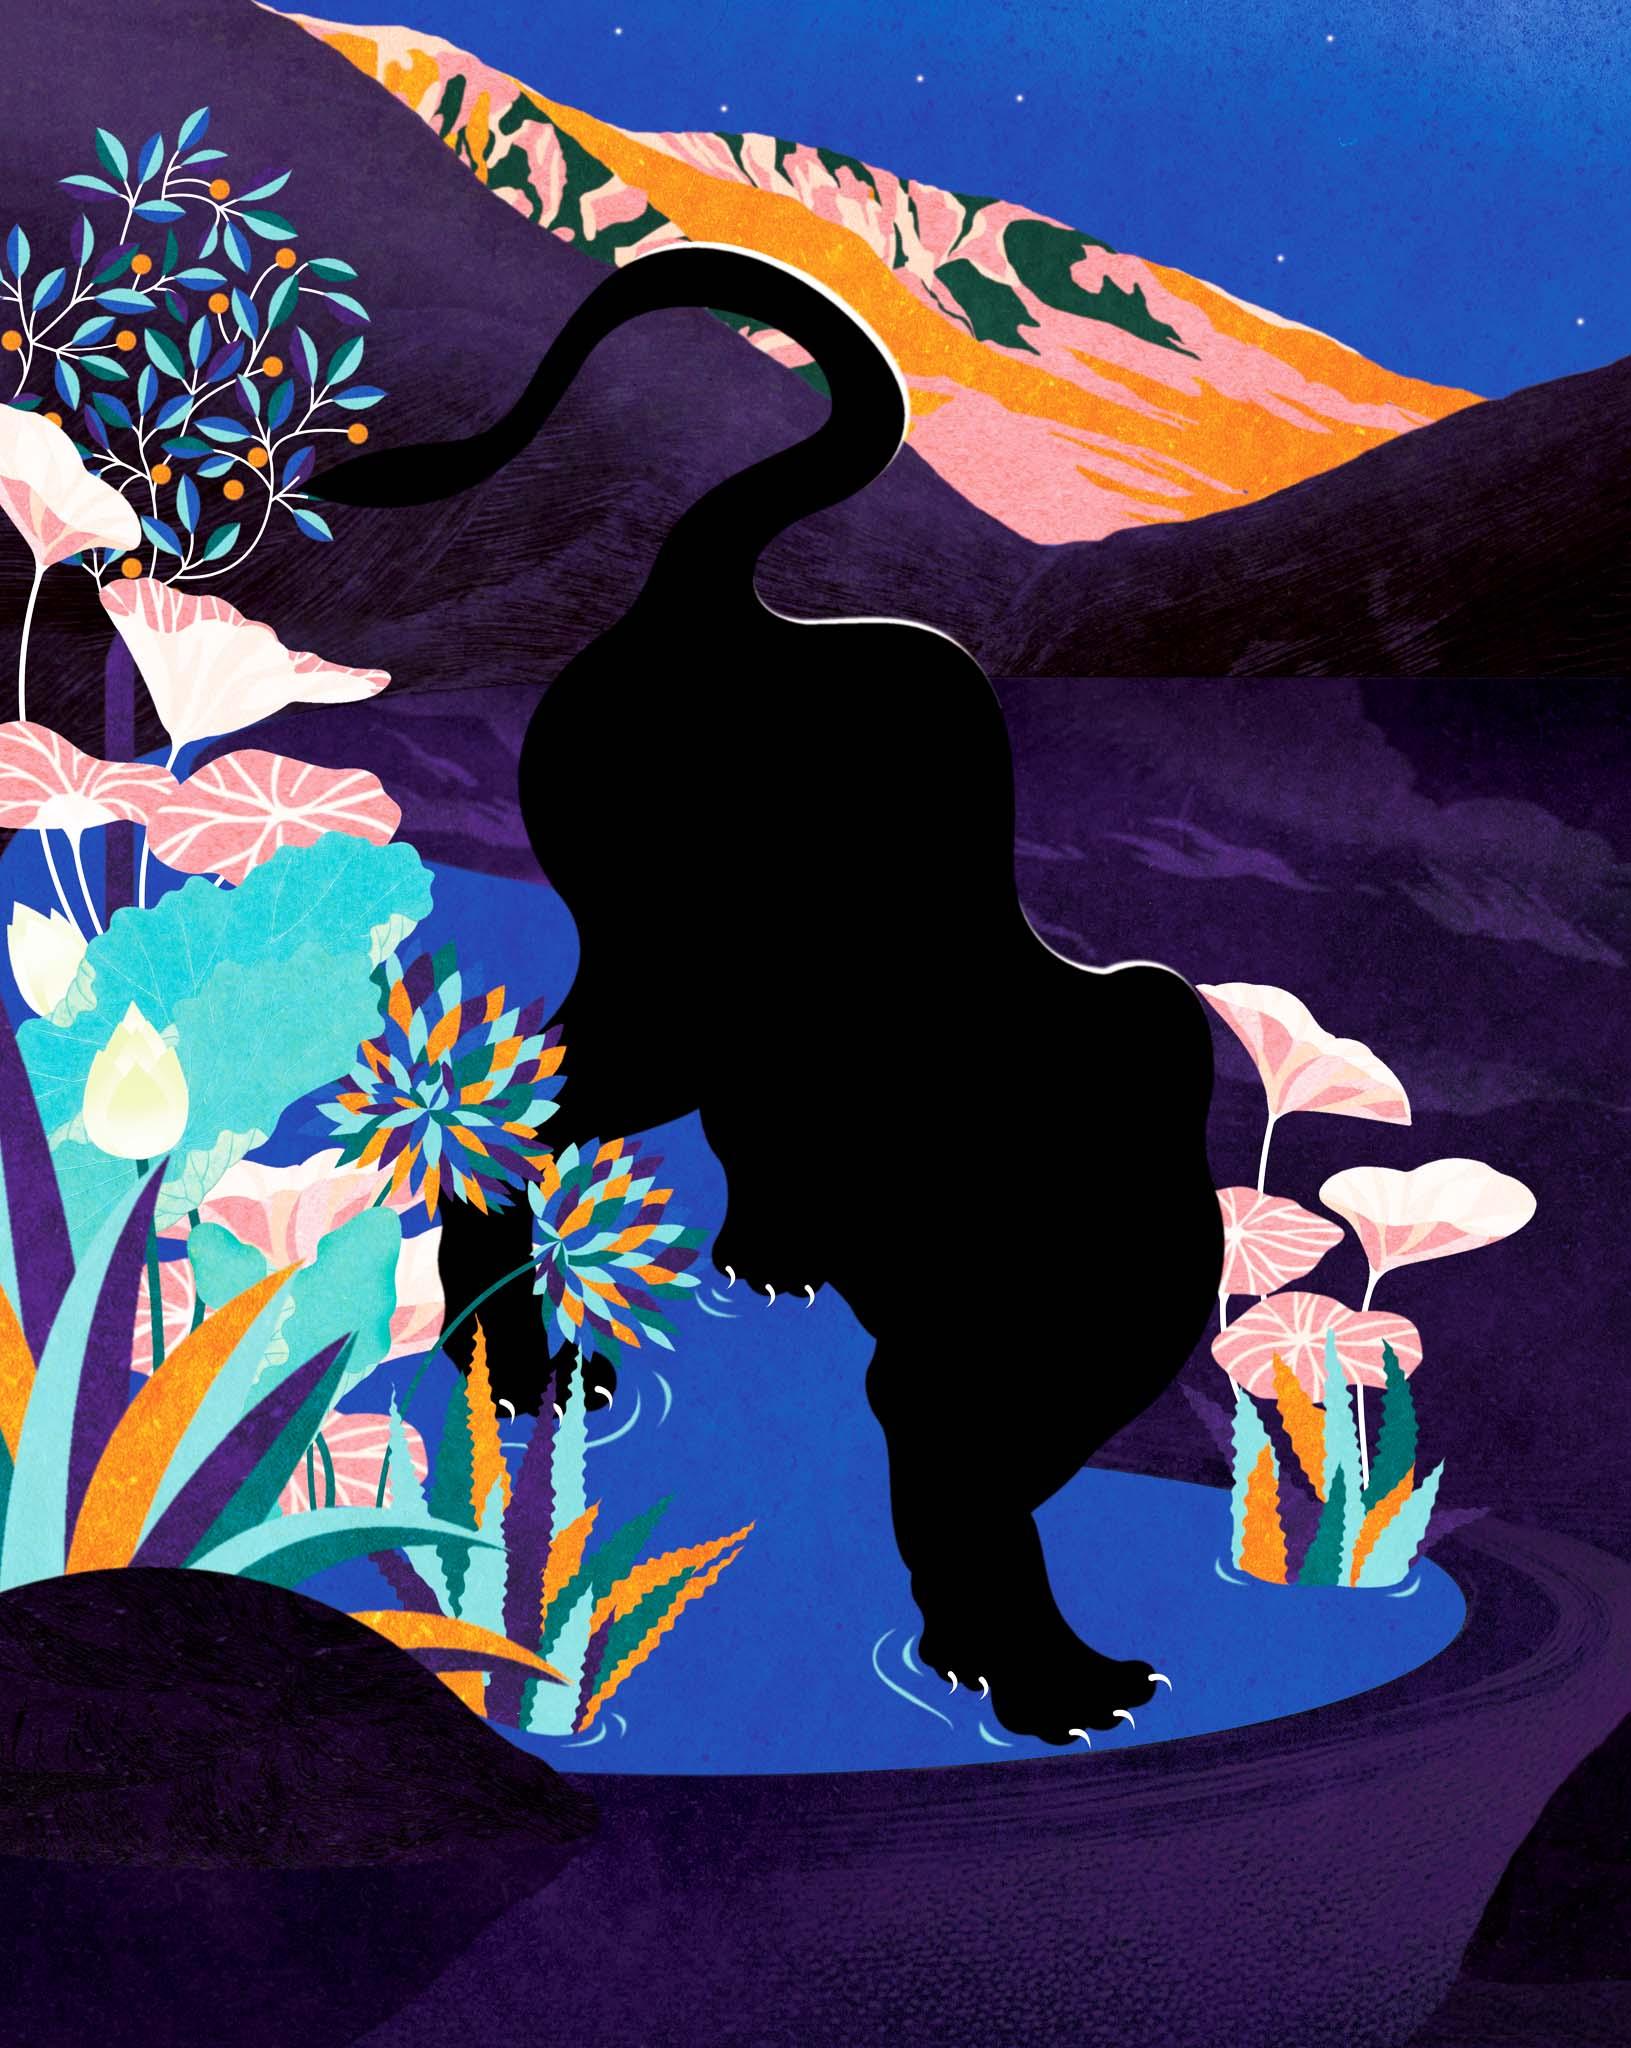 VO_LeaMorichon-The-Jungle-Book.jpg